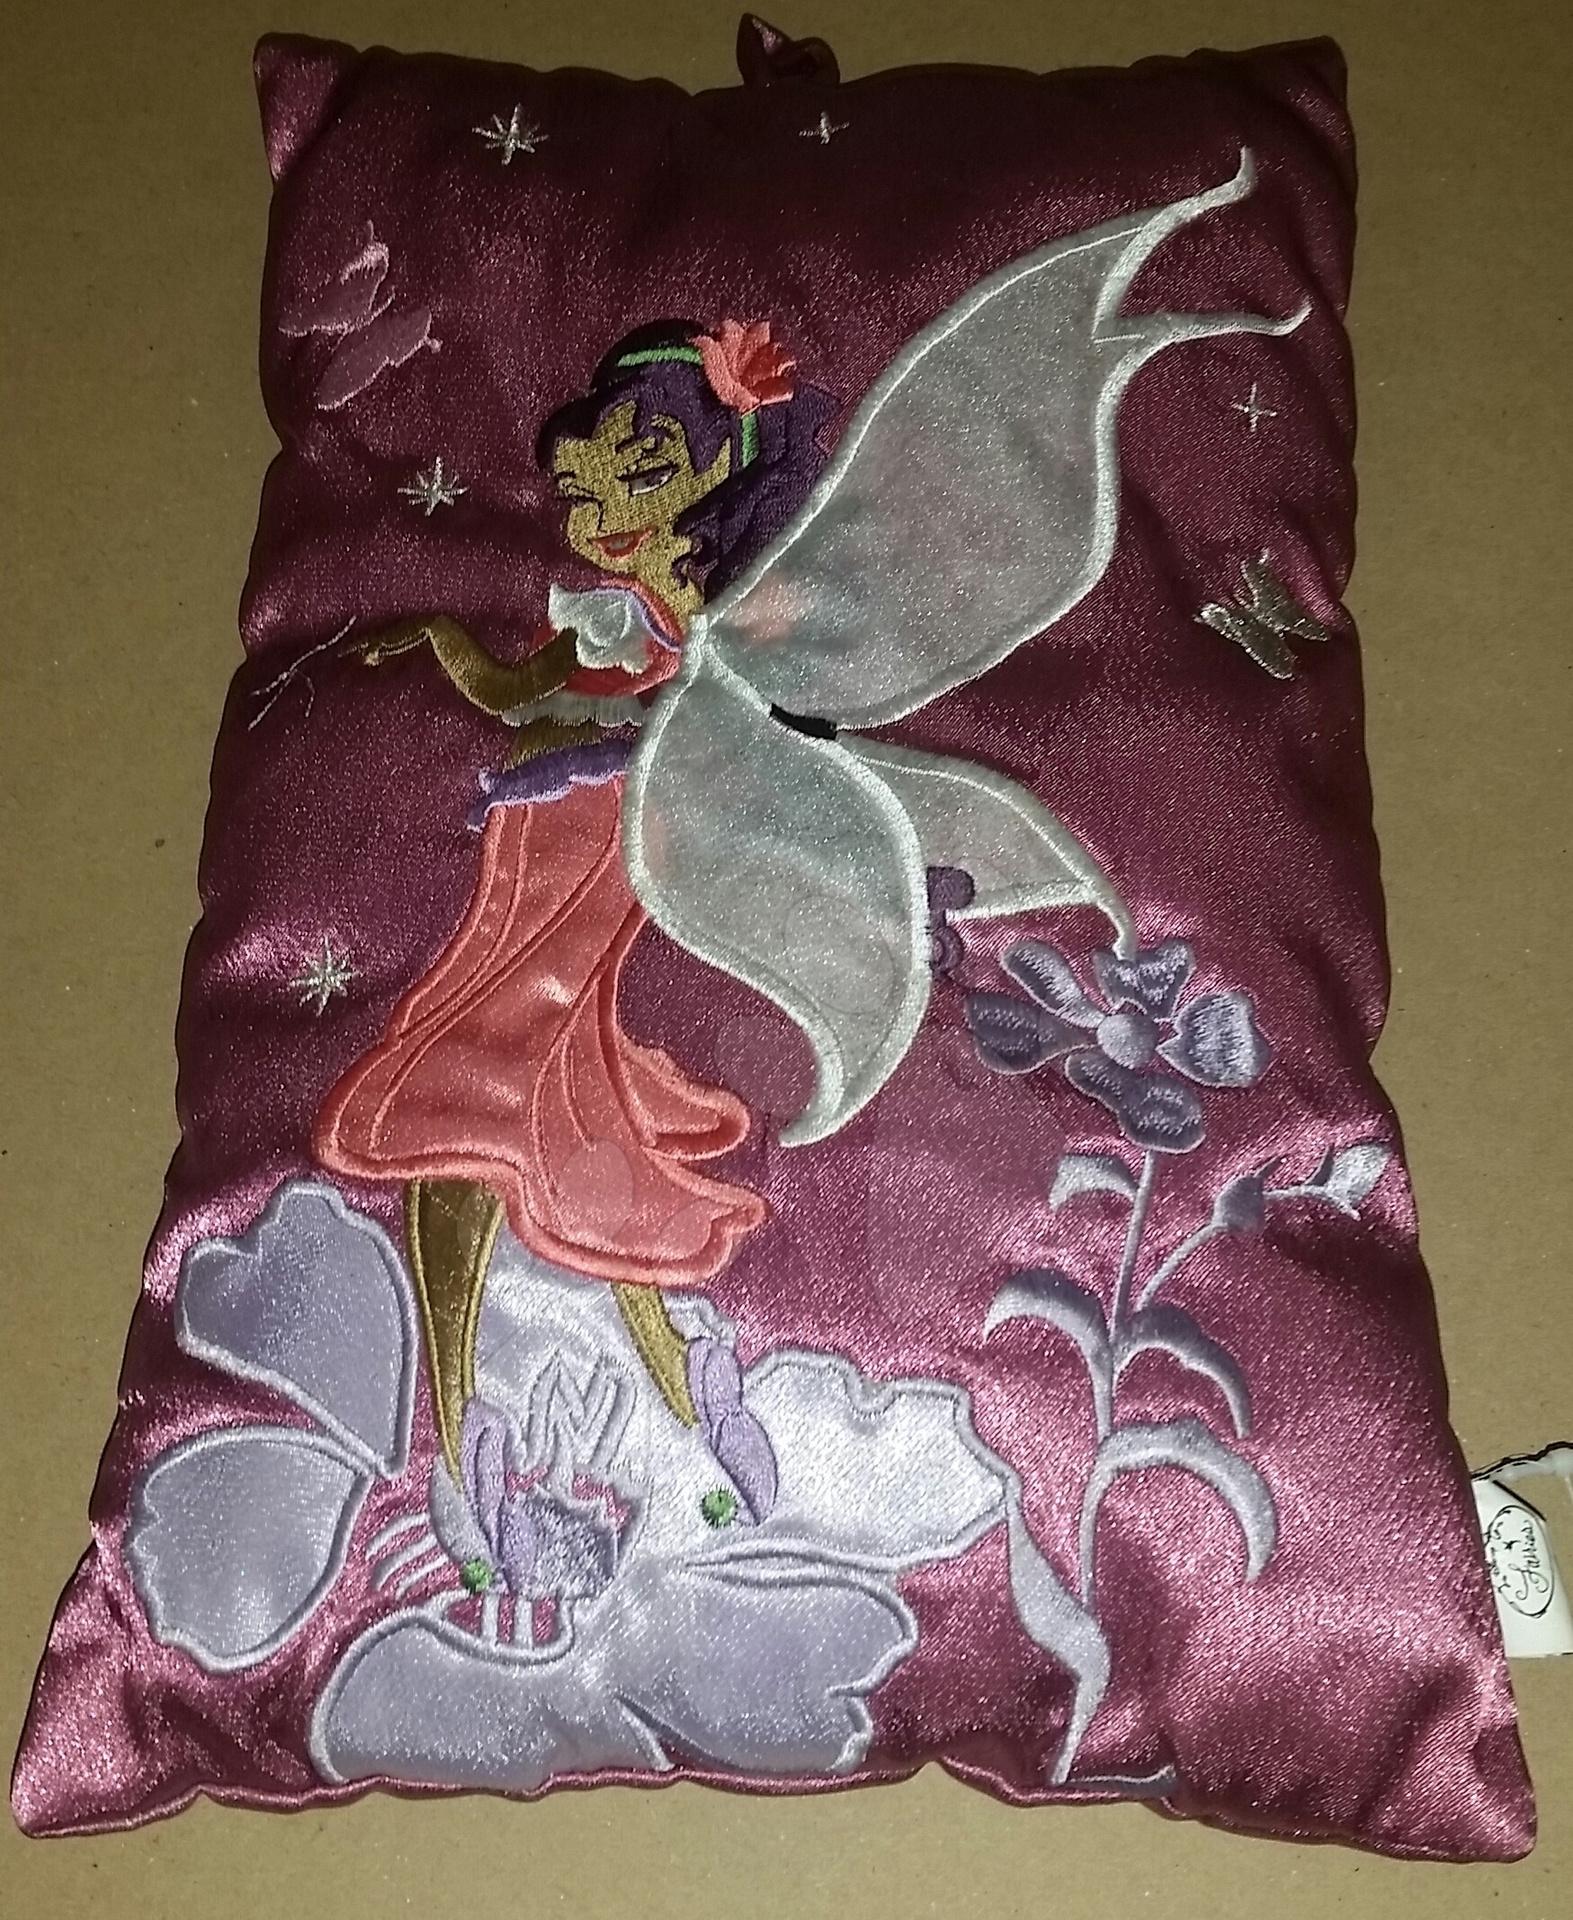 Polštářek Disney Víly Ilanit 26*18 cm fialový